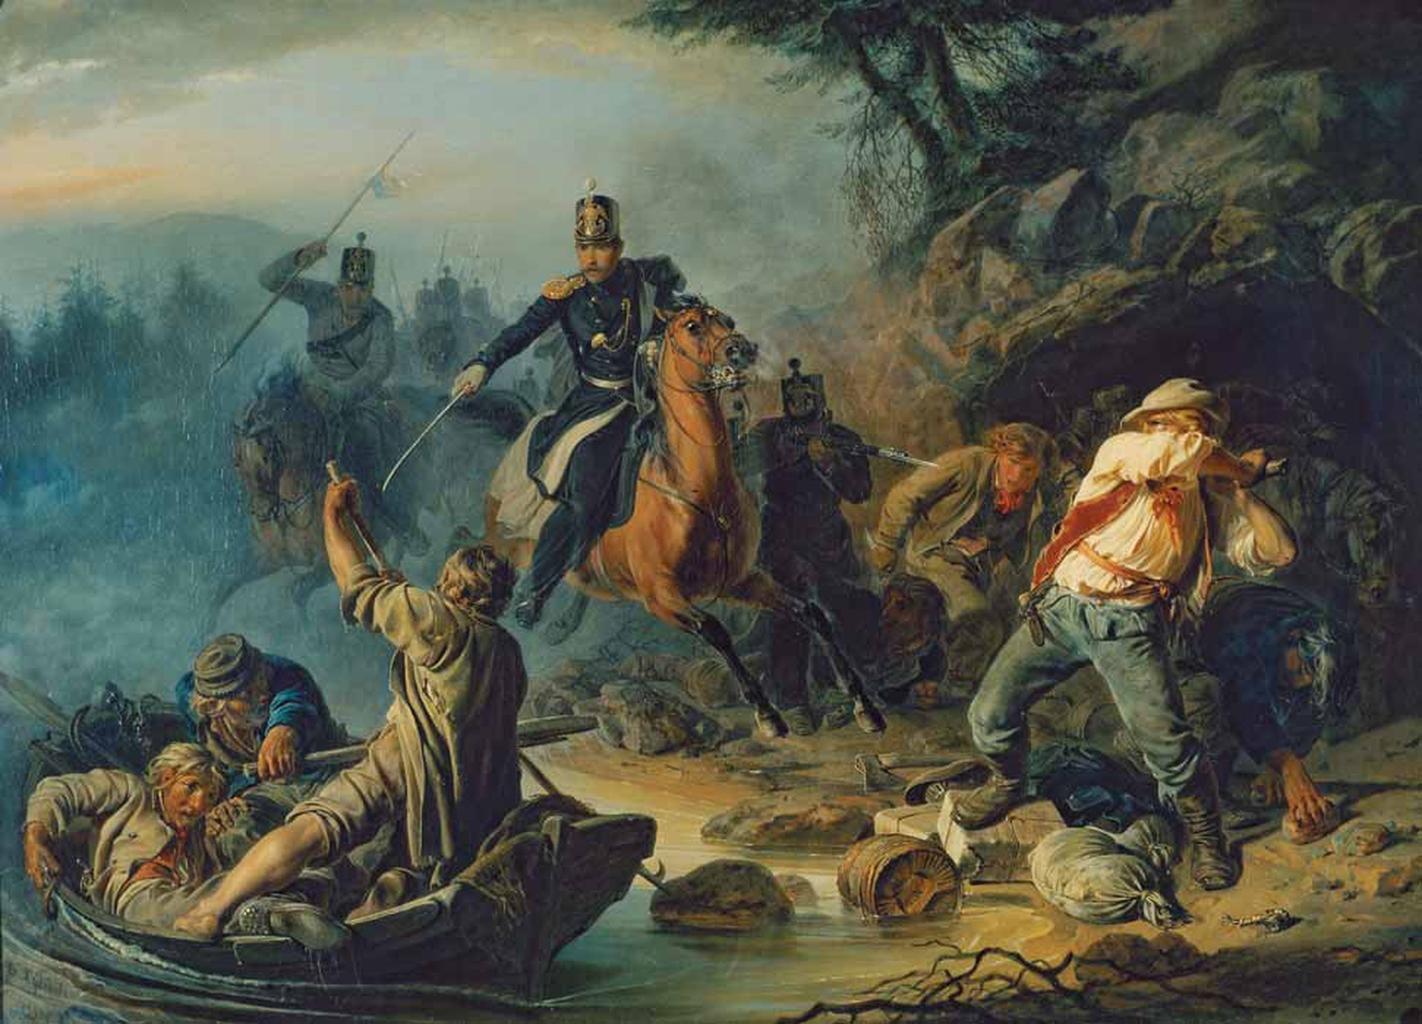 """1856 -ban Pavel Tretyakov fiatal gyűjtő megvásárolta legelső festményét - Vaszilij Kudjakov """"Harc a finn csempészekkel"""" című alkotását #moszkvater"""